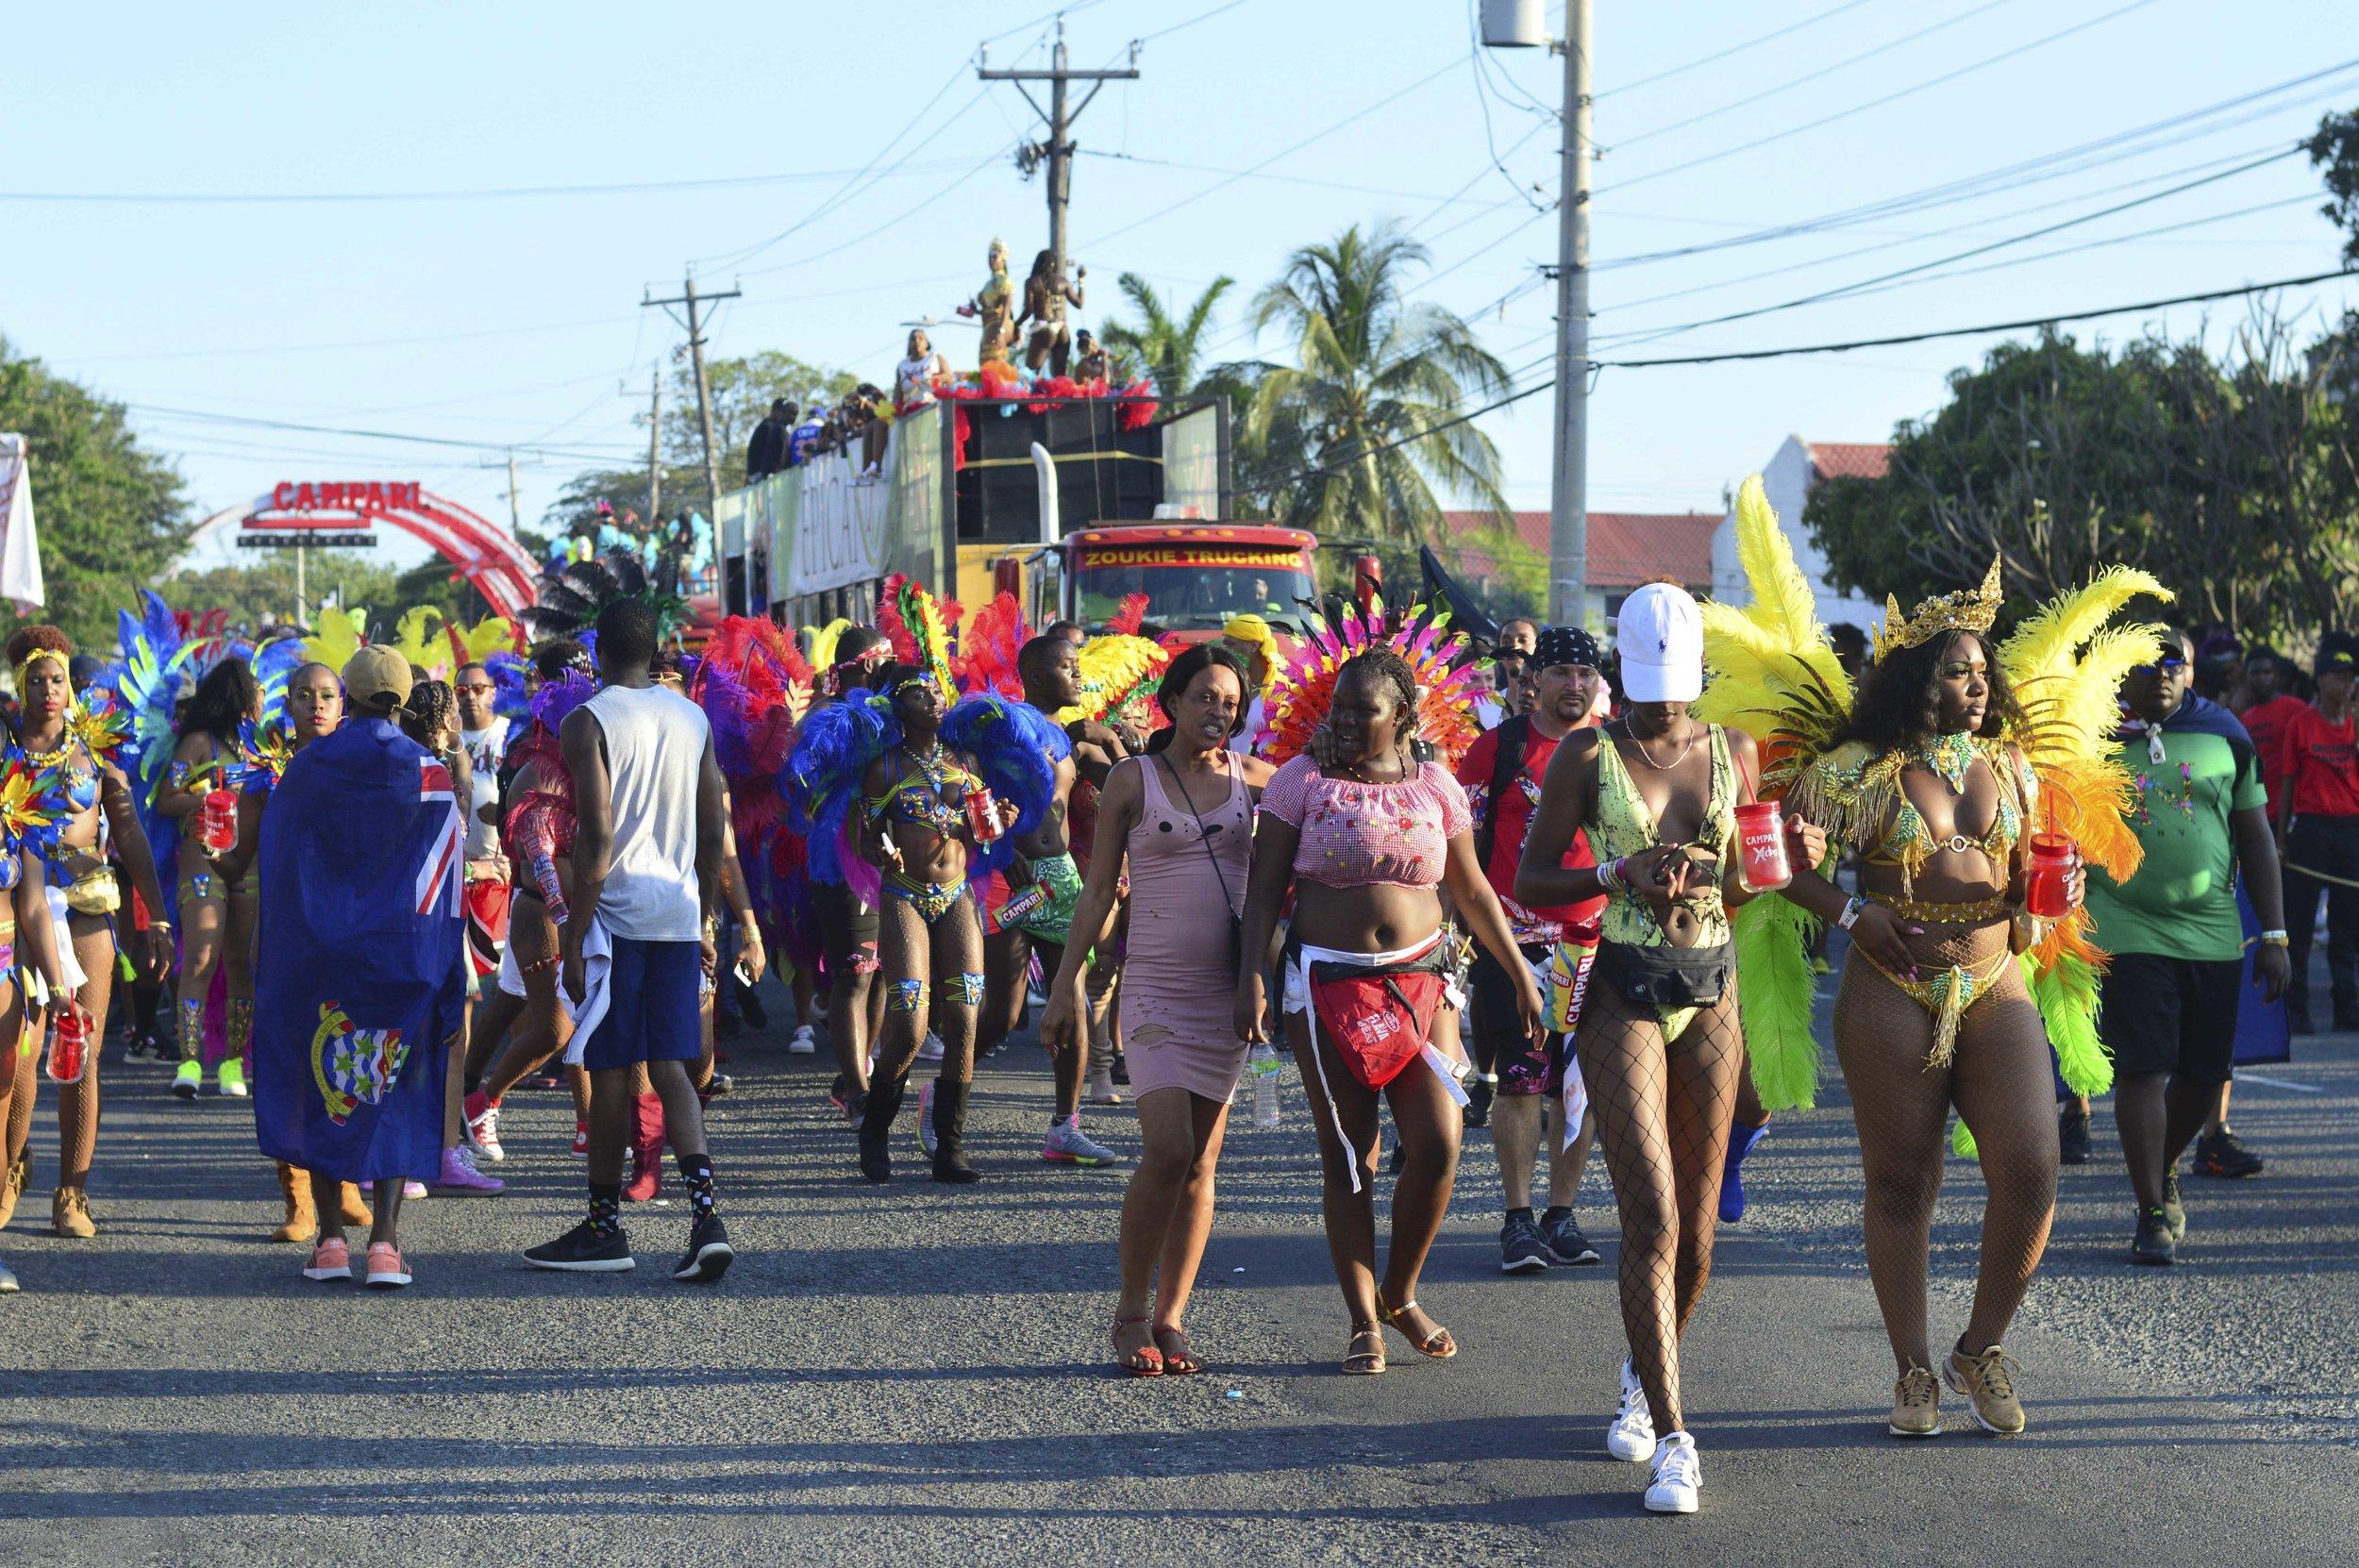 carnival2019_jeanalindo-4.jpg